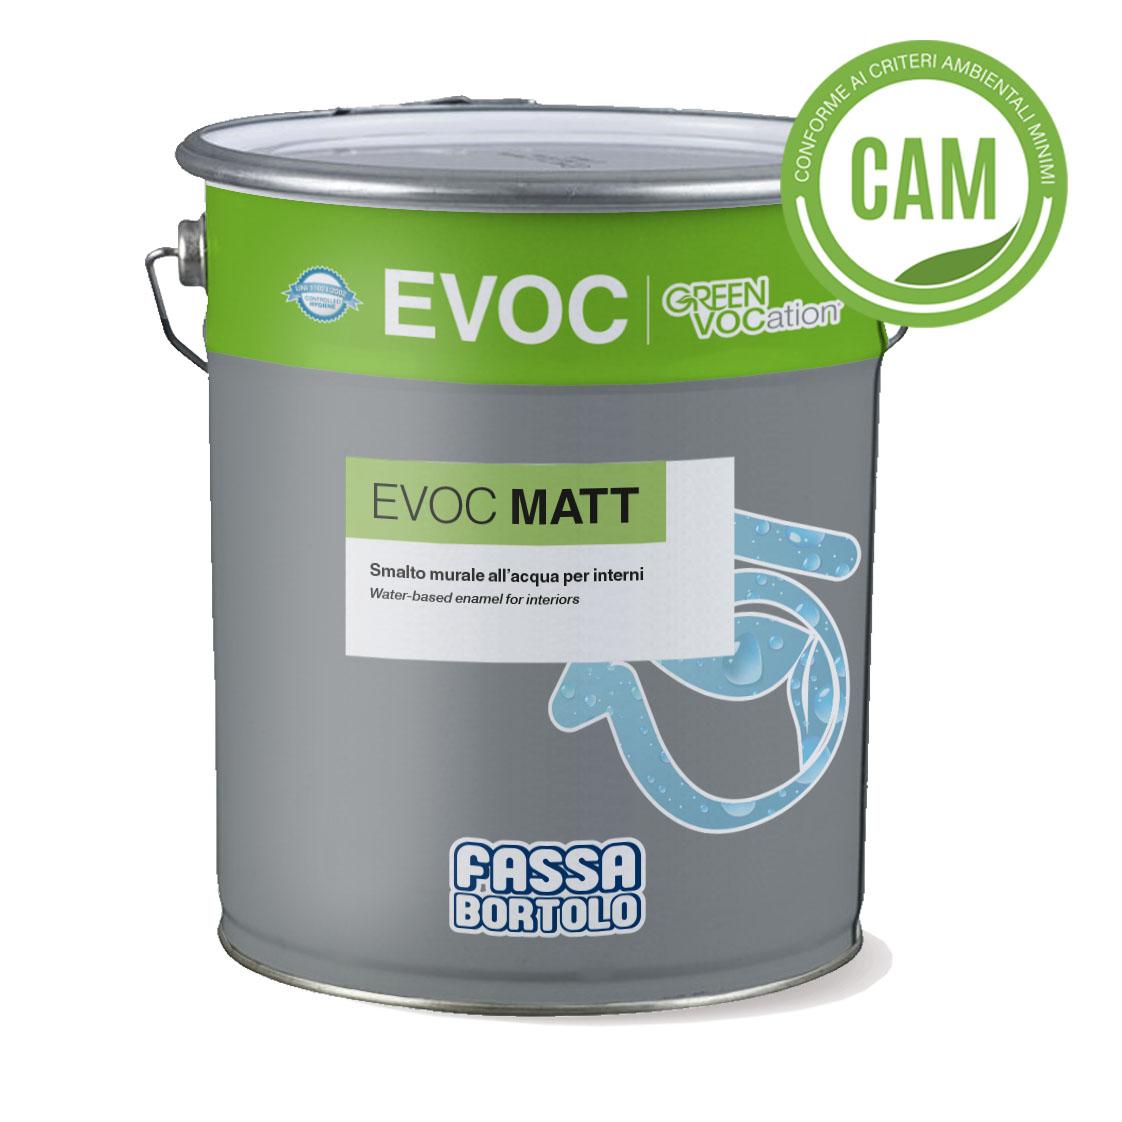 EVOC MATT: Smalto murale all'acqua opaco per interni